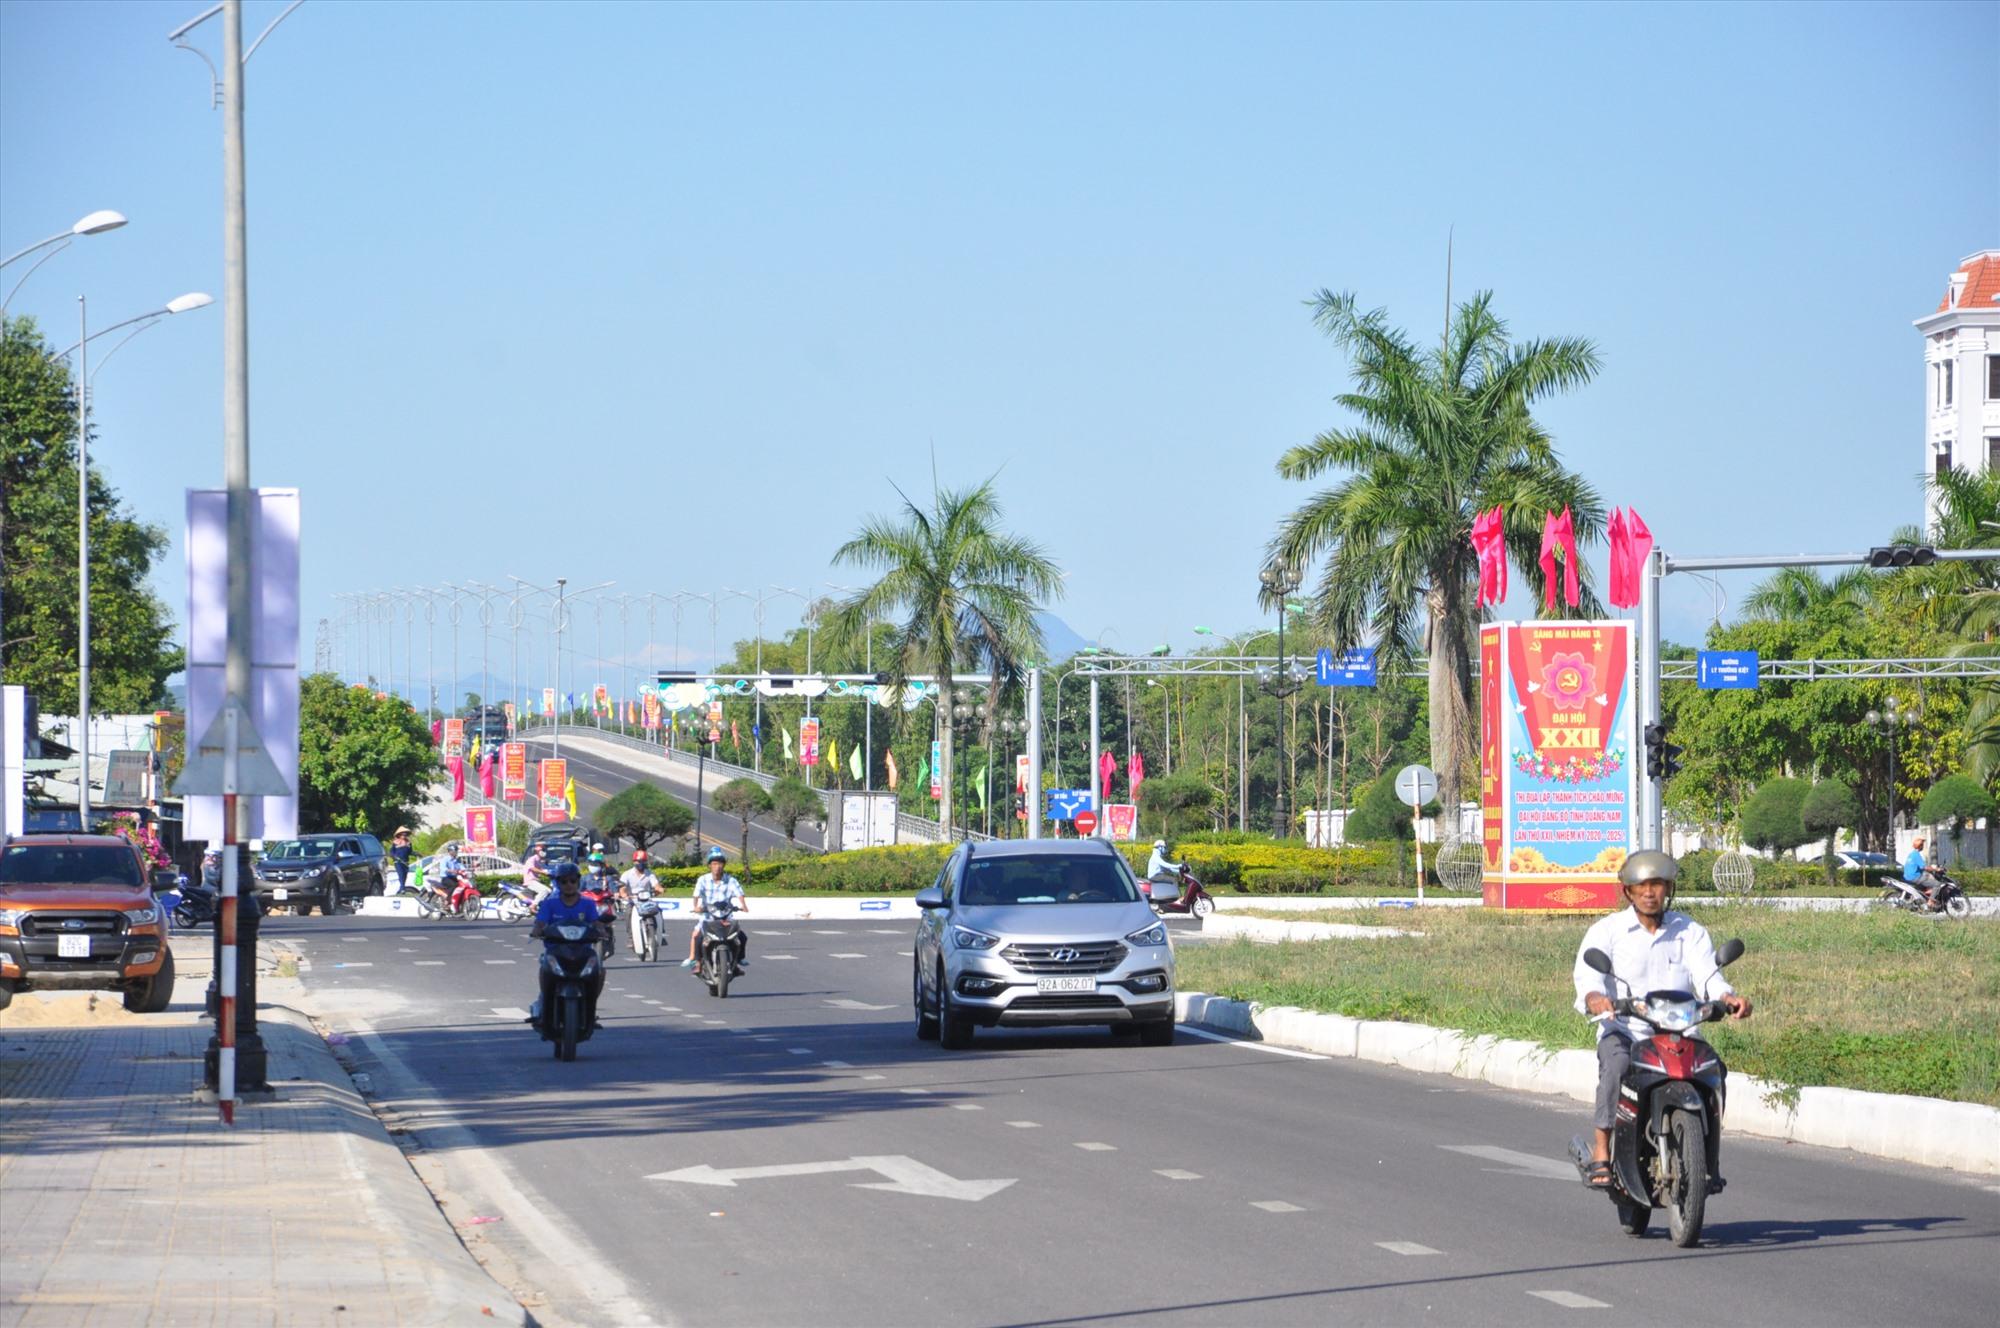 Để xây dựng đường Điện Biên Phủ, Tam Kỳ phải giải tỏa hàng trăm hộ dân. Ảnh: A.S